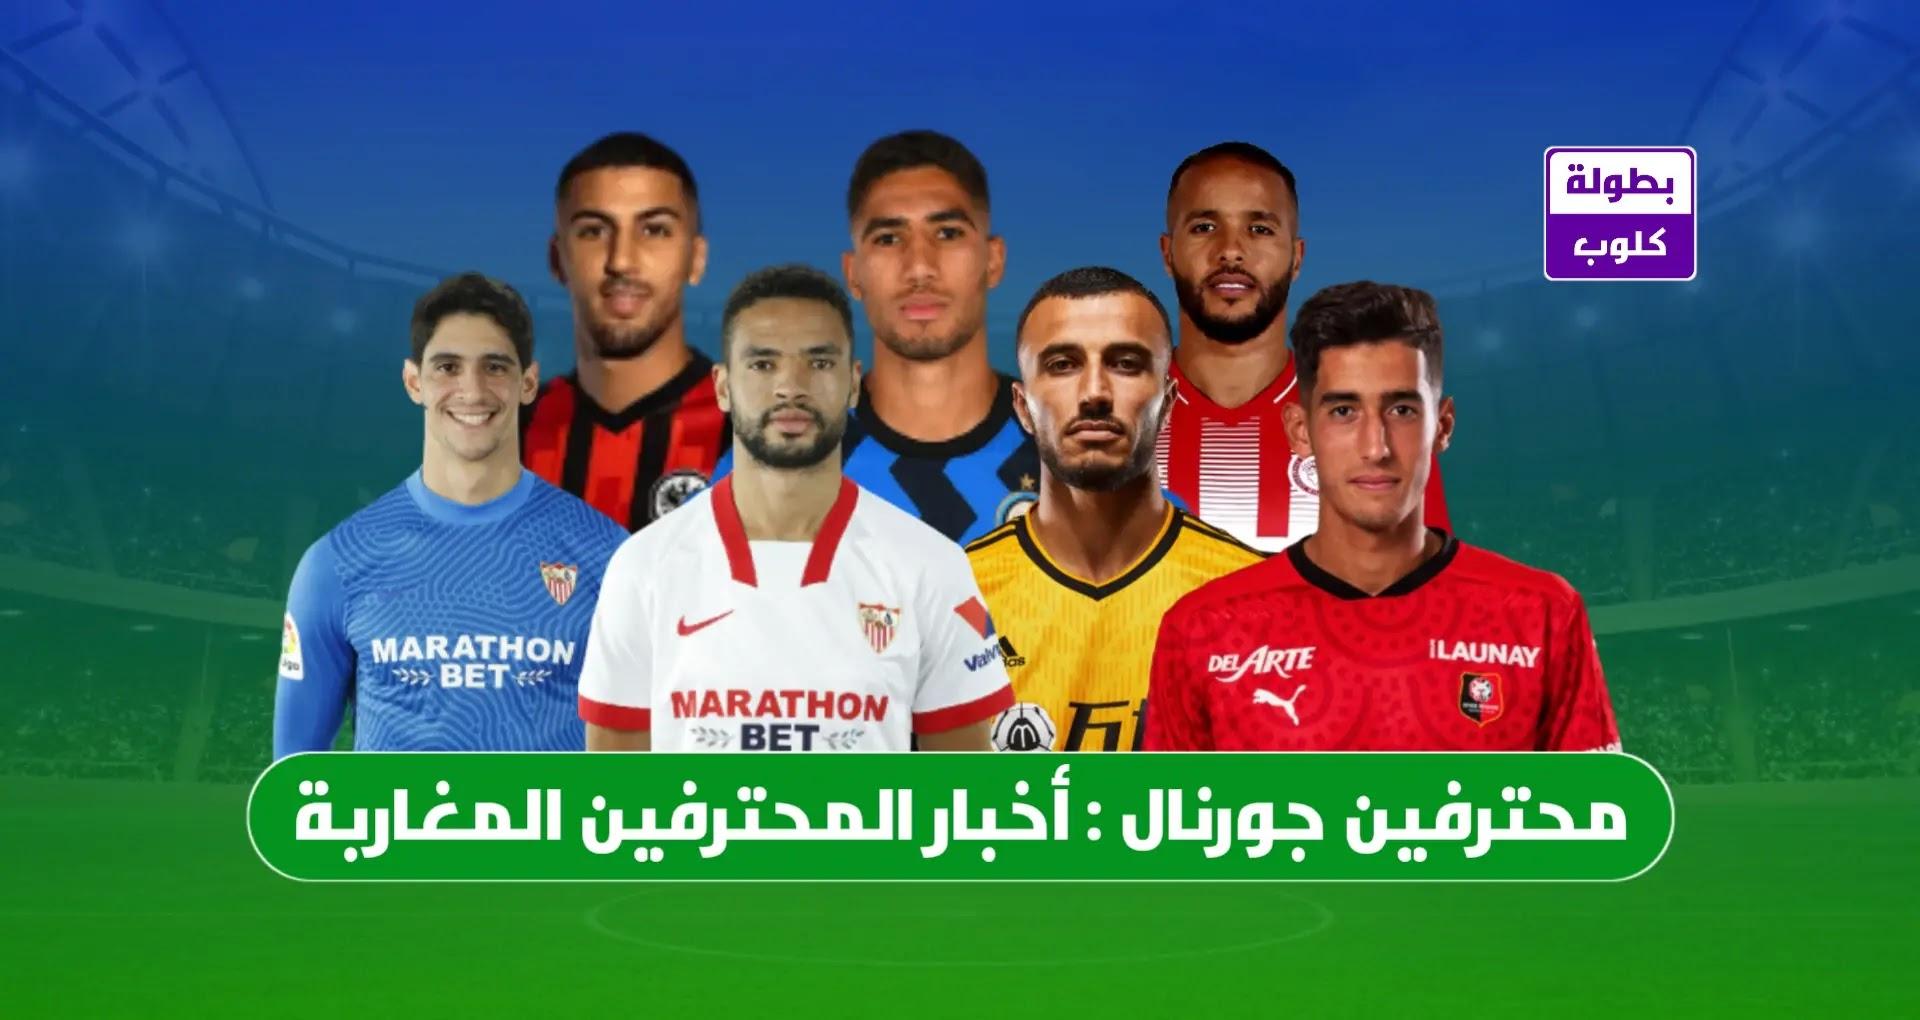 محترفين جورنال رقم 1: أخبار المحترفين المغاربة هذا الأسبوع